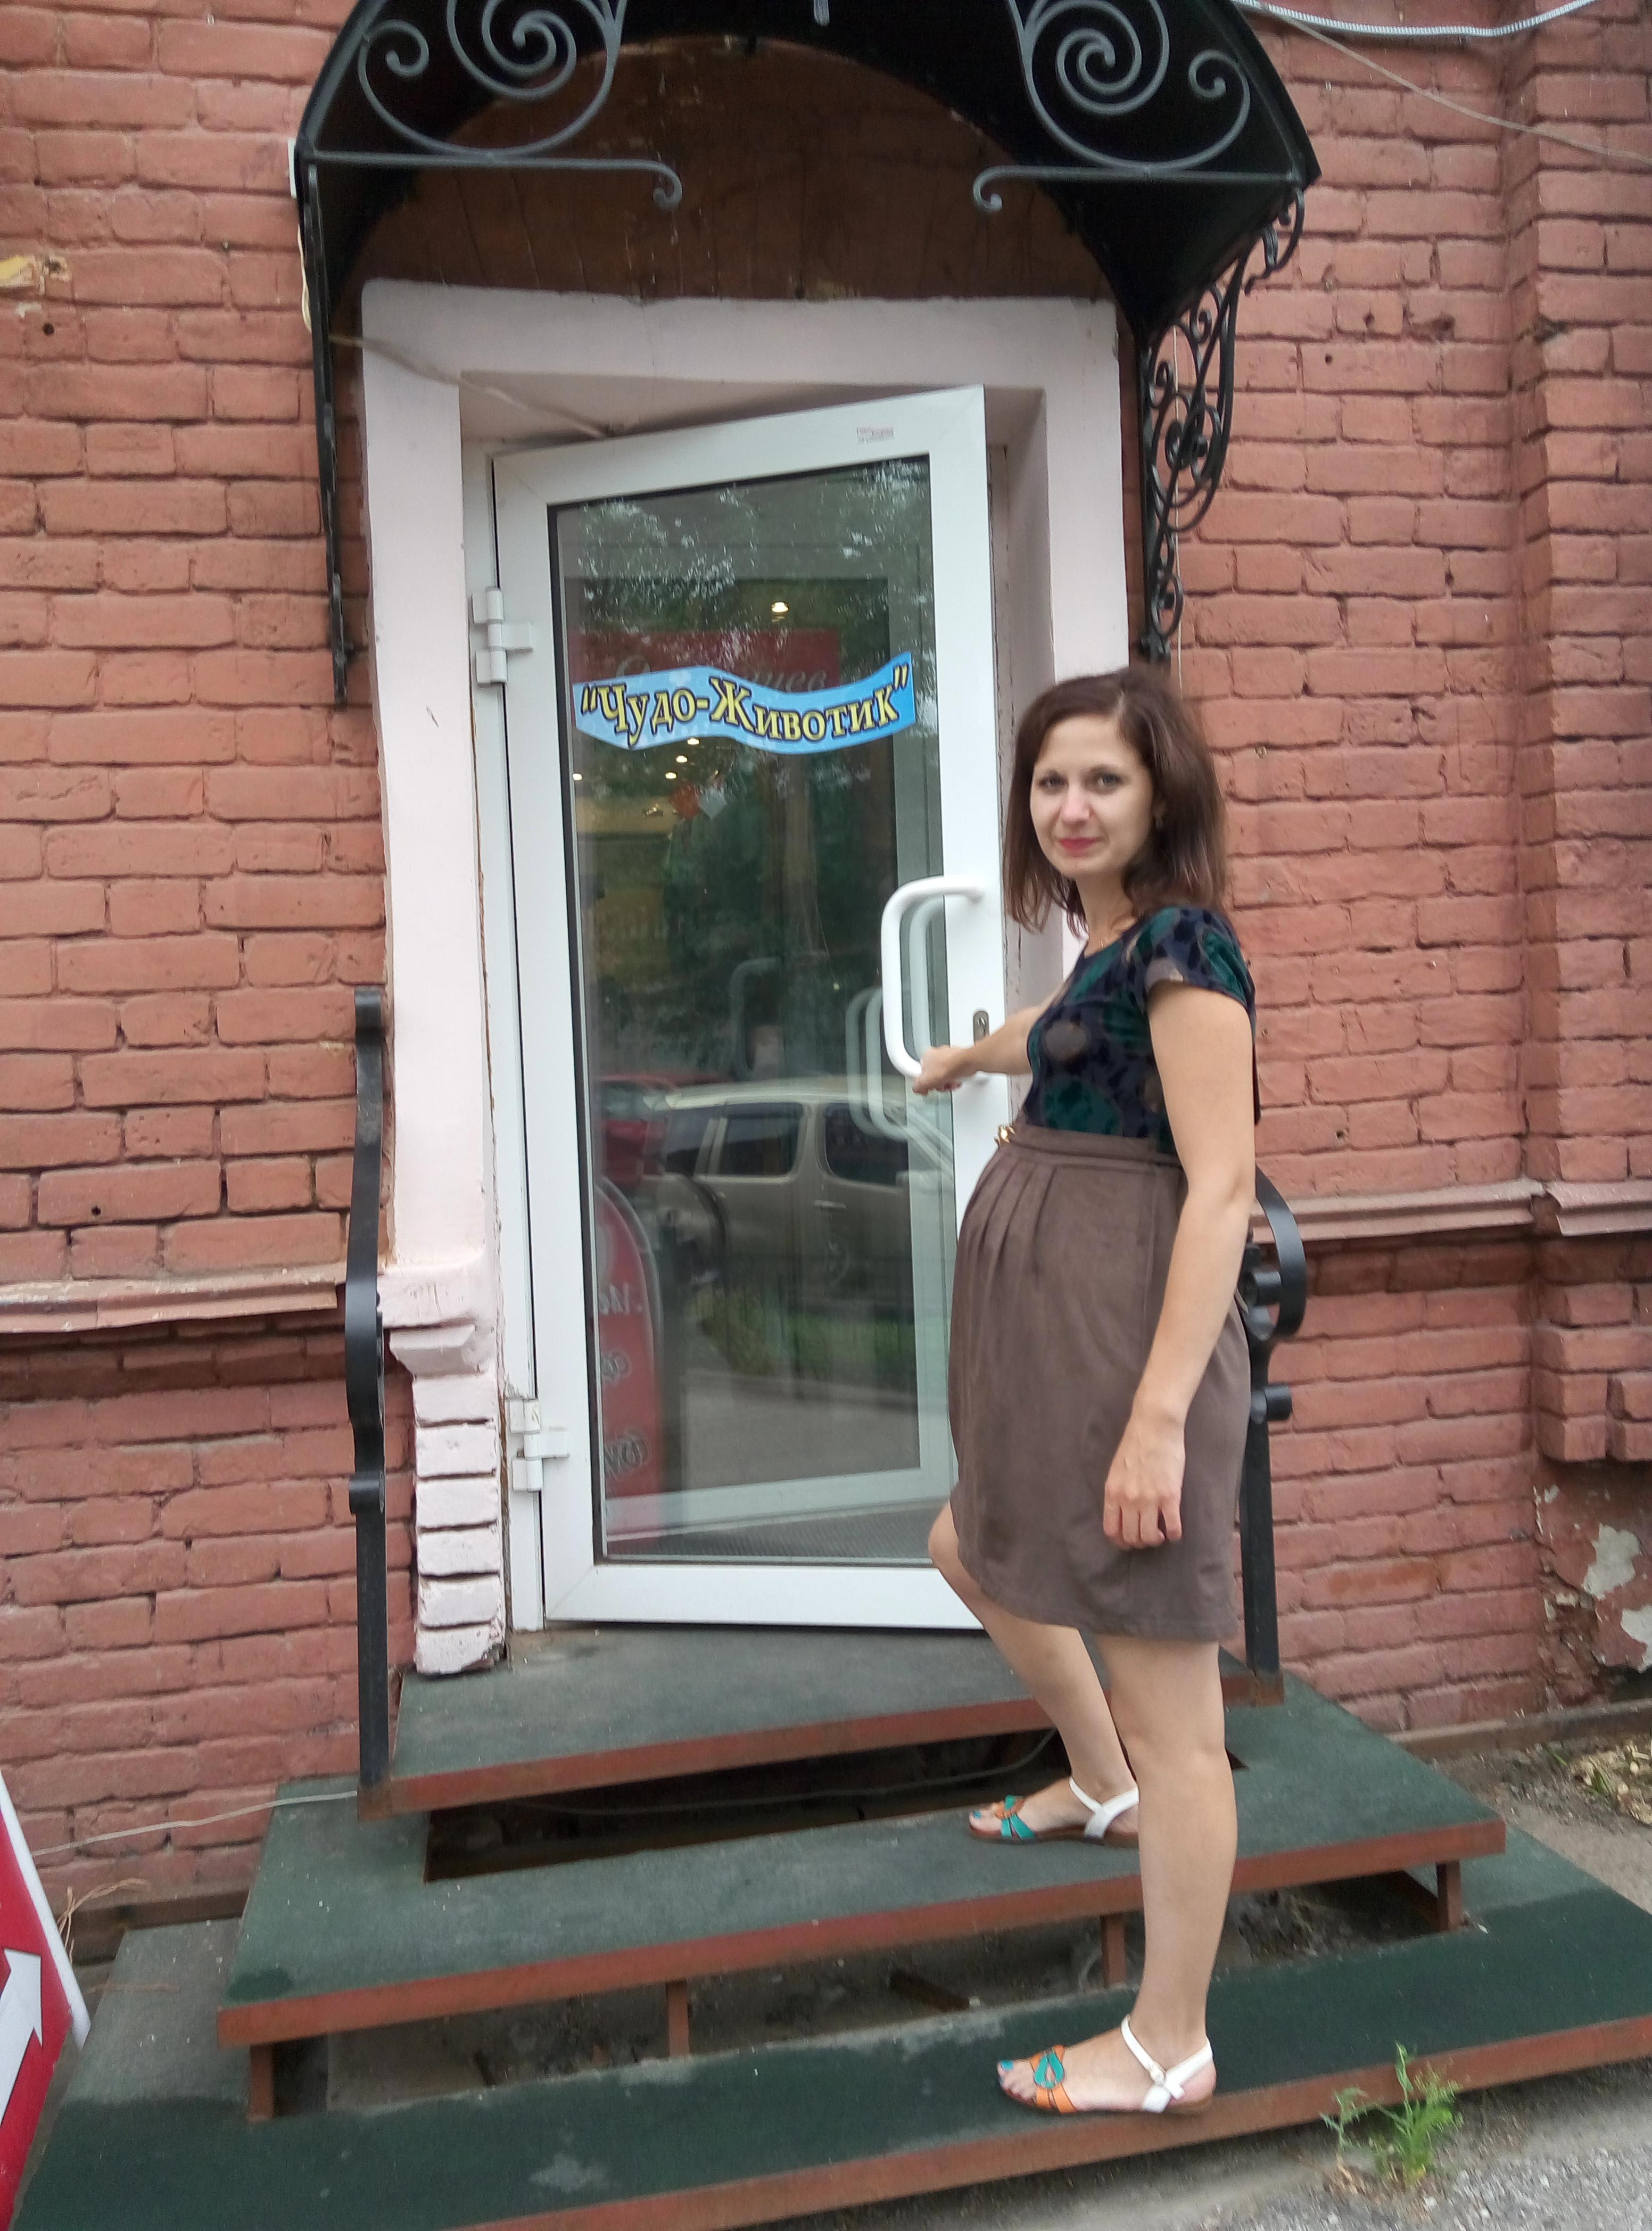 Платье, производство Турция, рр S, L , XL, цена 2850руб, цвет коричневый, блуза велюр, юбка спандекс